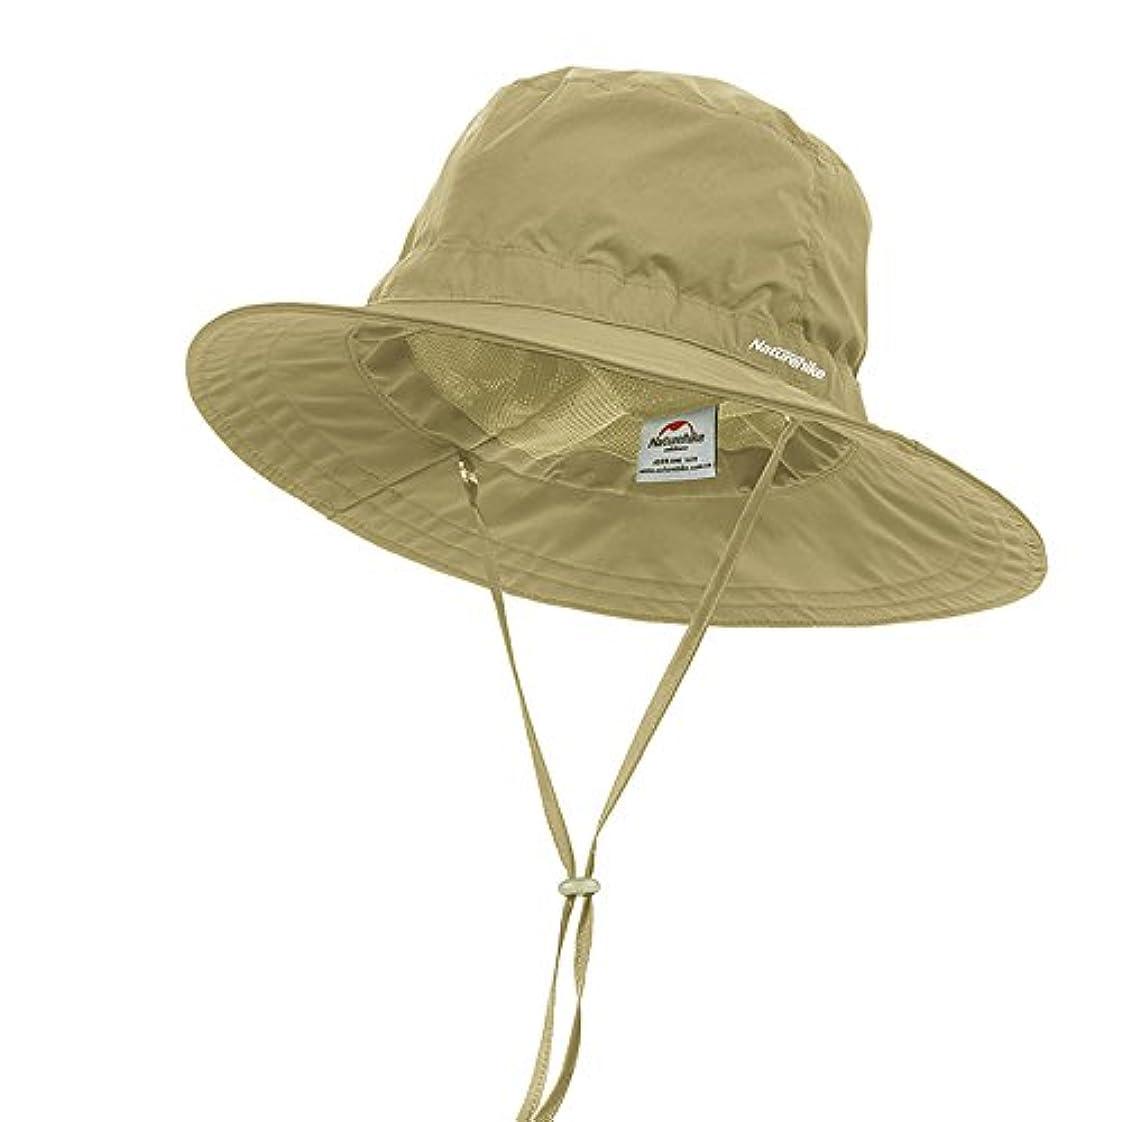 寄付するオートメーションエンコミウムTentock 折りたたみ UVカット帽子 防水 撥水 夏用帽子 ブーニーハット サファリ アウトドア ハイキング キャンプ 登山 釣り フィッシング ハット 全3色